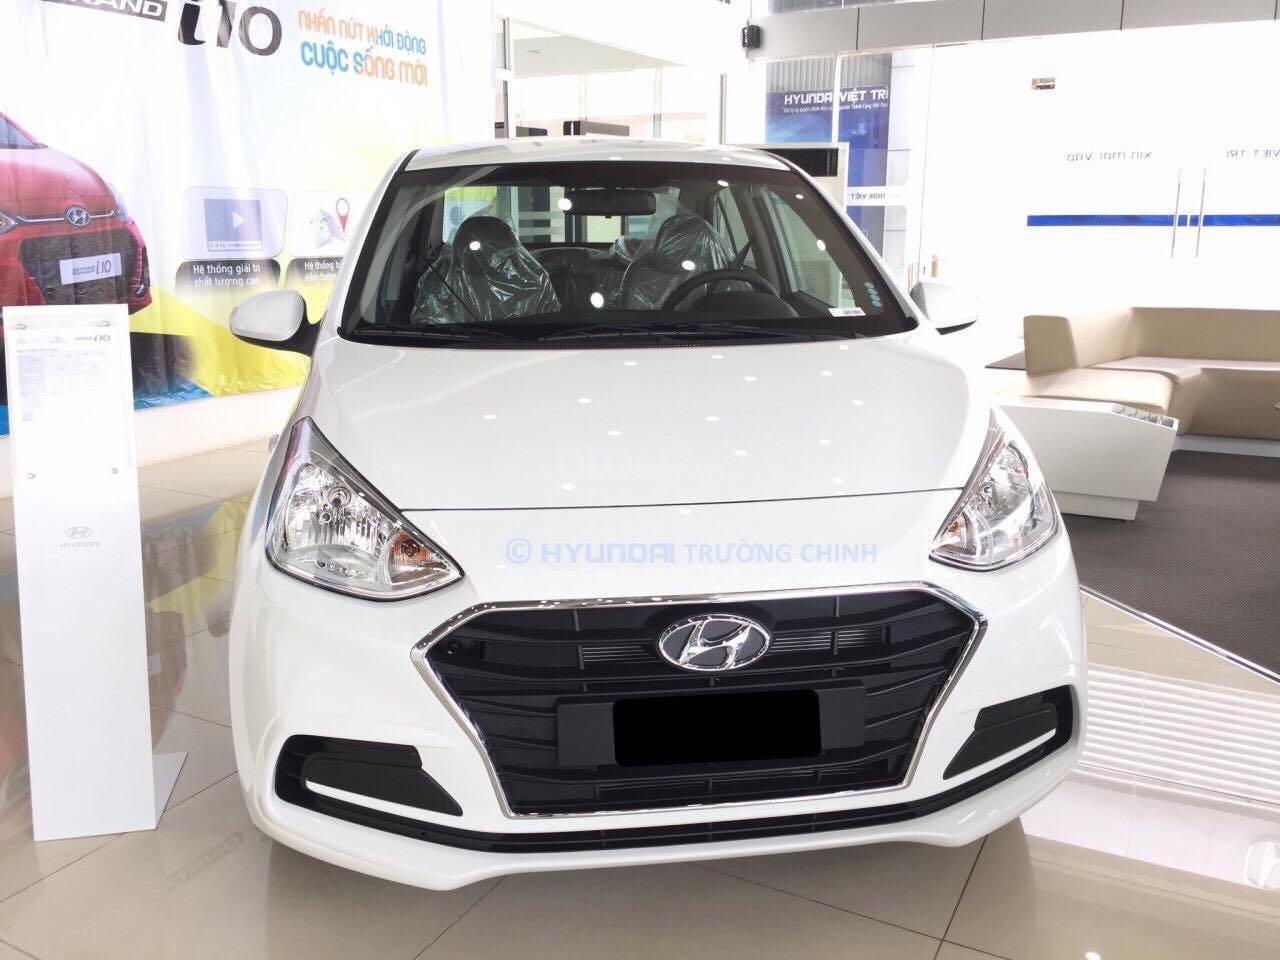 Bán ô tô Hyundai Grand i10 đăng ký 2019, màu trắng, xe nhập giá 340 tỷ đồng, khuyến mãi lớn cuối năm (1)